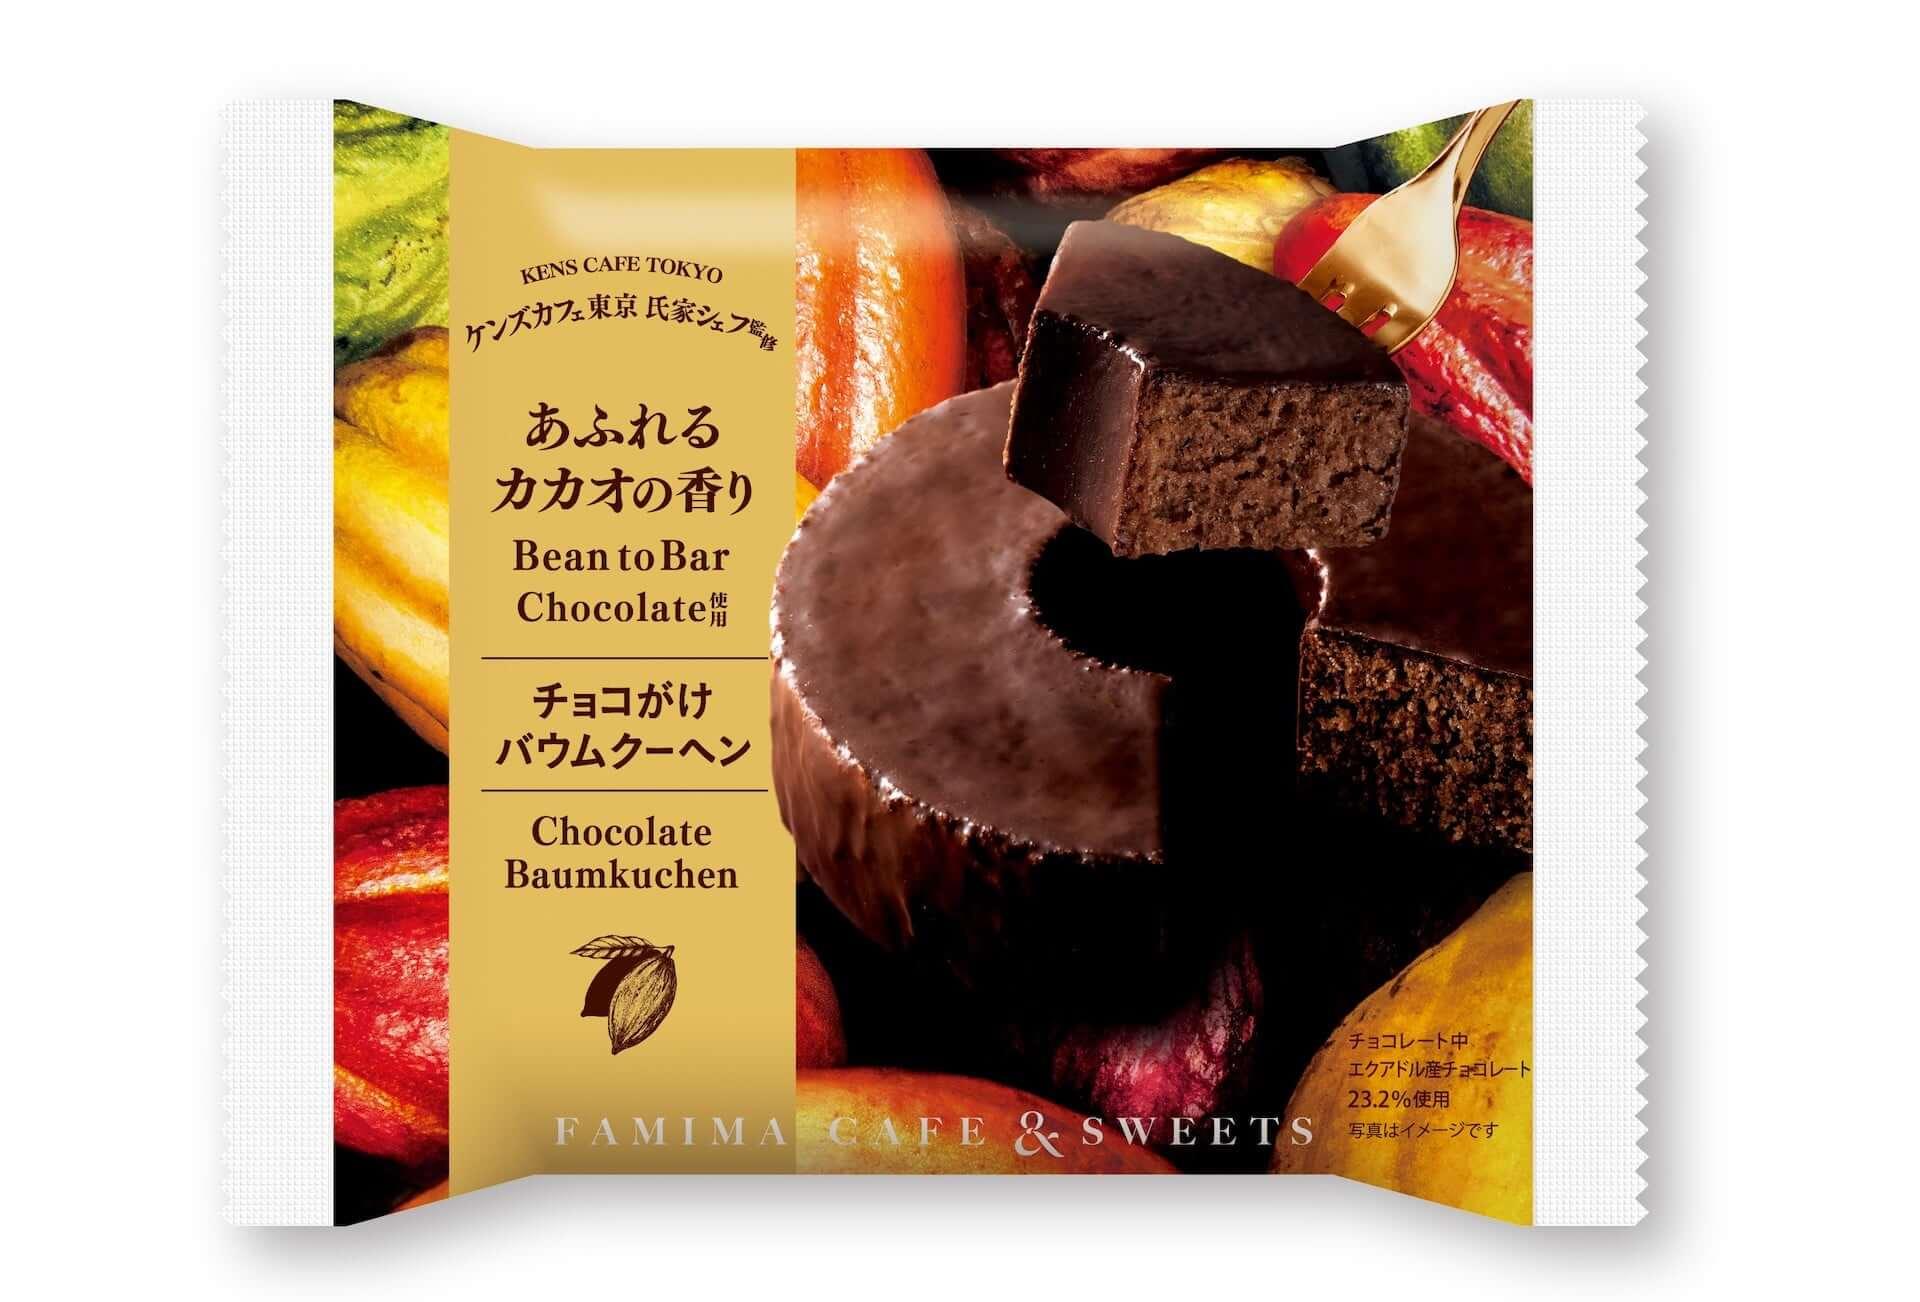 ファミリーマートがオリジナルのBean to Barチョコレートを開発!ケンズカフェ東京のシェフが監修した『ガトーショコラ』など新商品5種類が発売決定 gourmet201012_famima_3-1920x1302